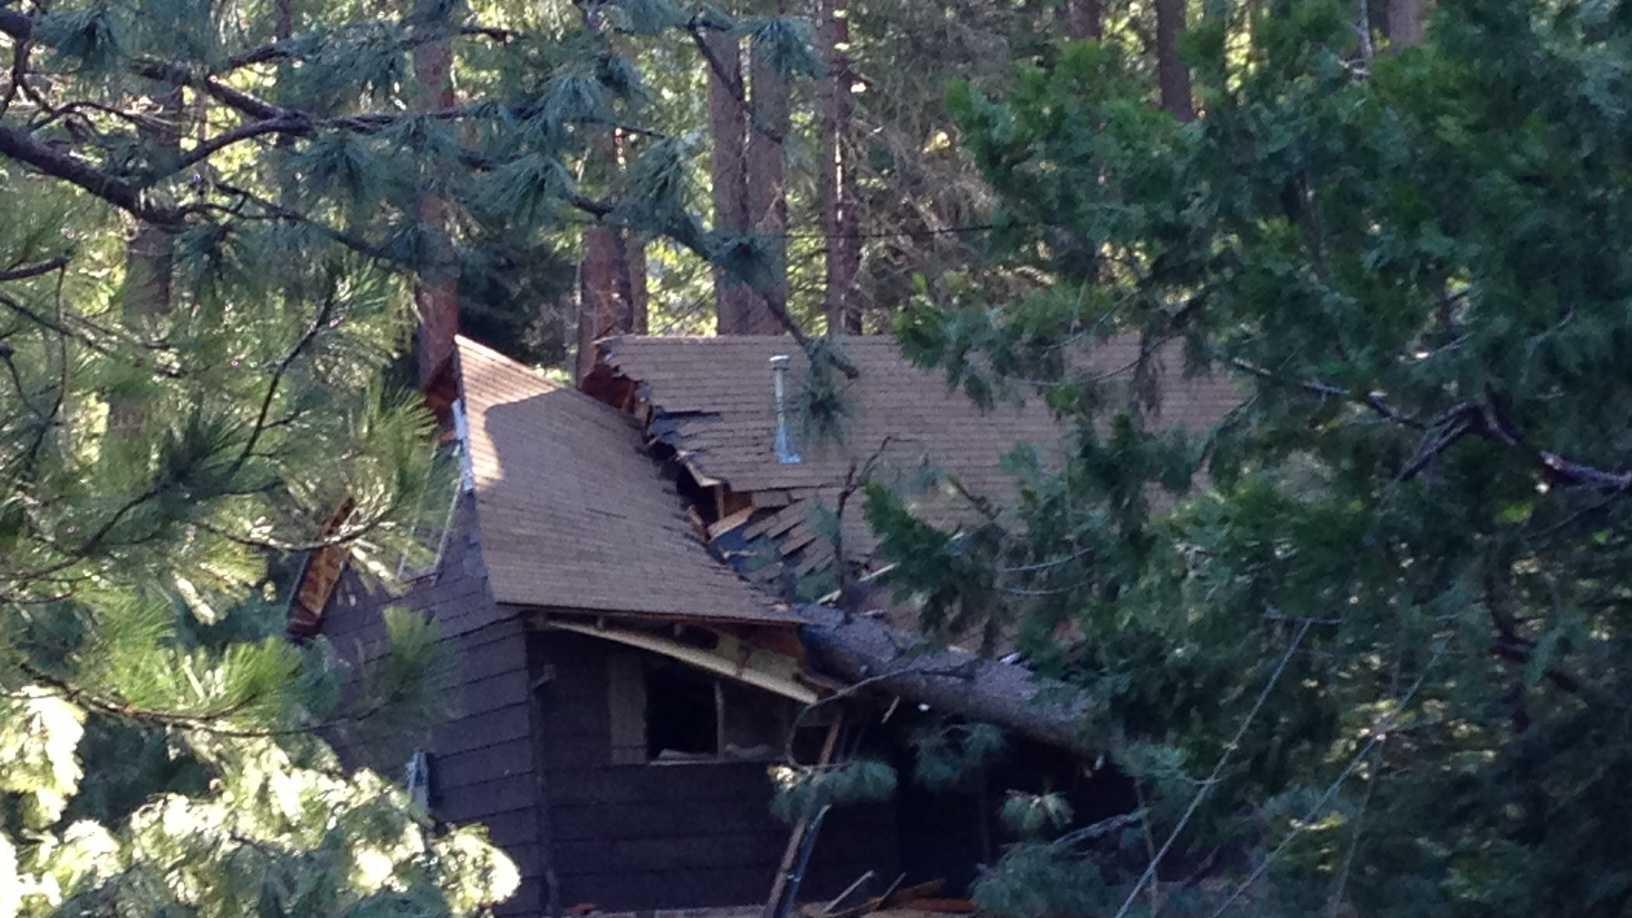 Home damaged by fallen tree in Kyburz. (Nov. 22, 2013)